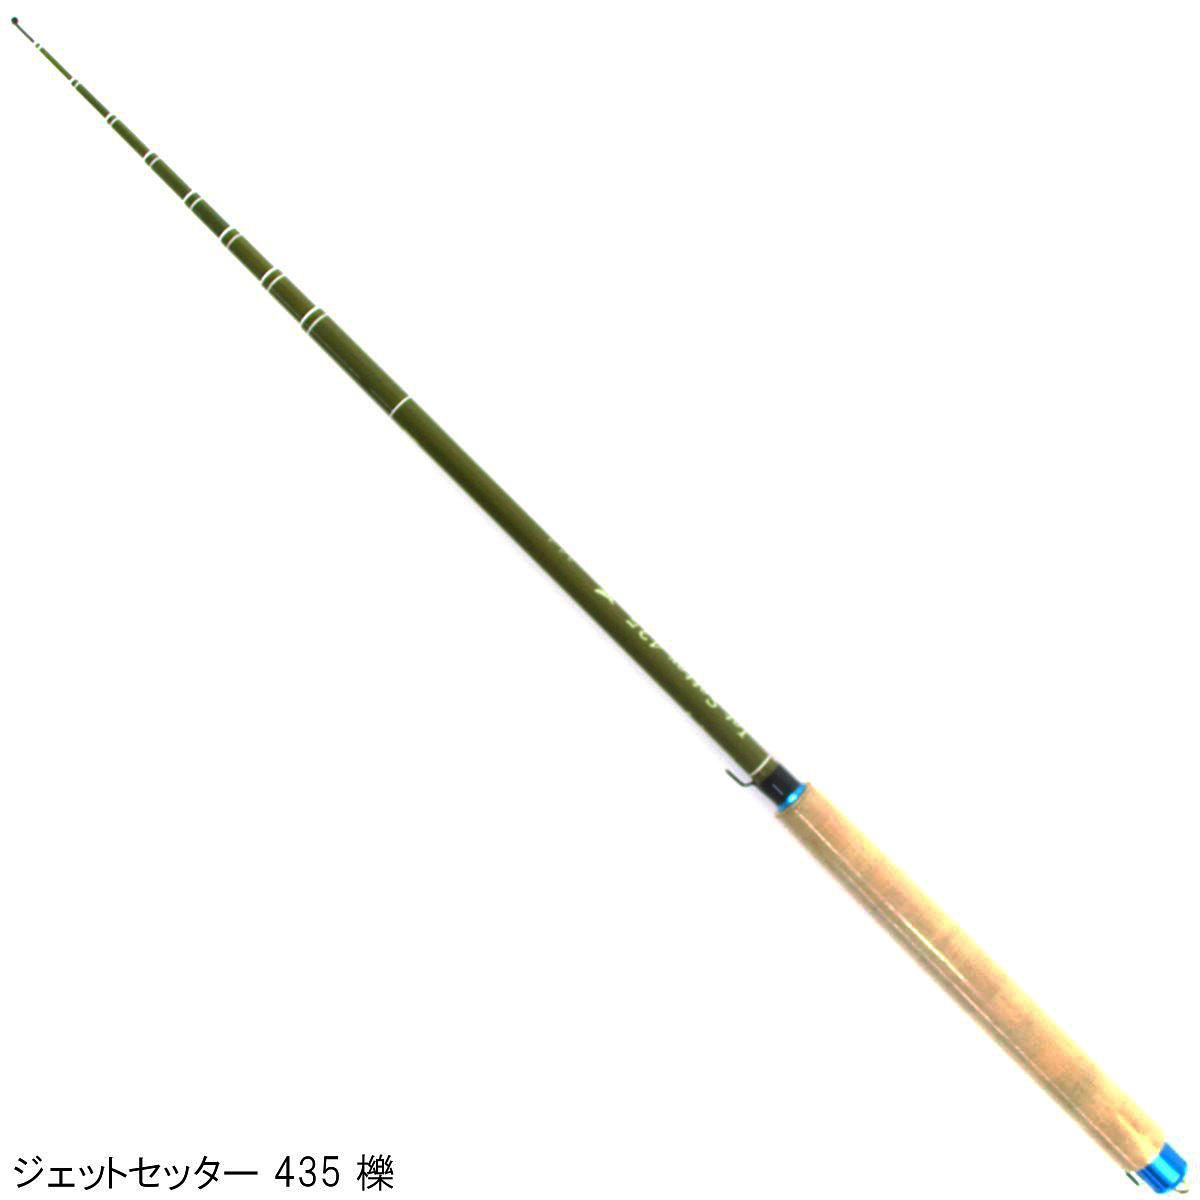 ジェットセッター 435 櫟【送料無料】